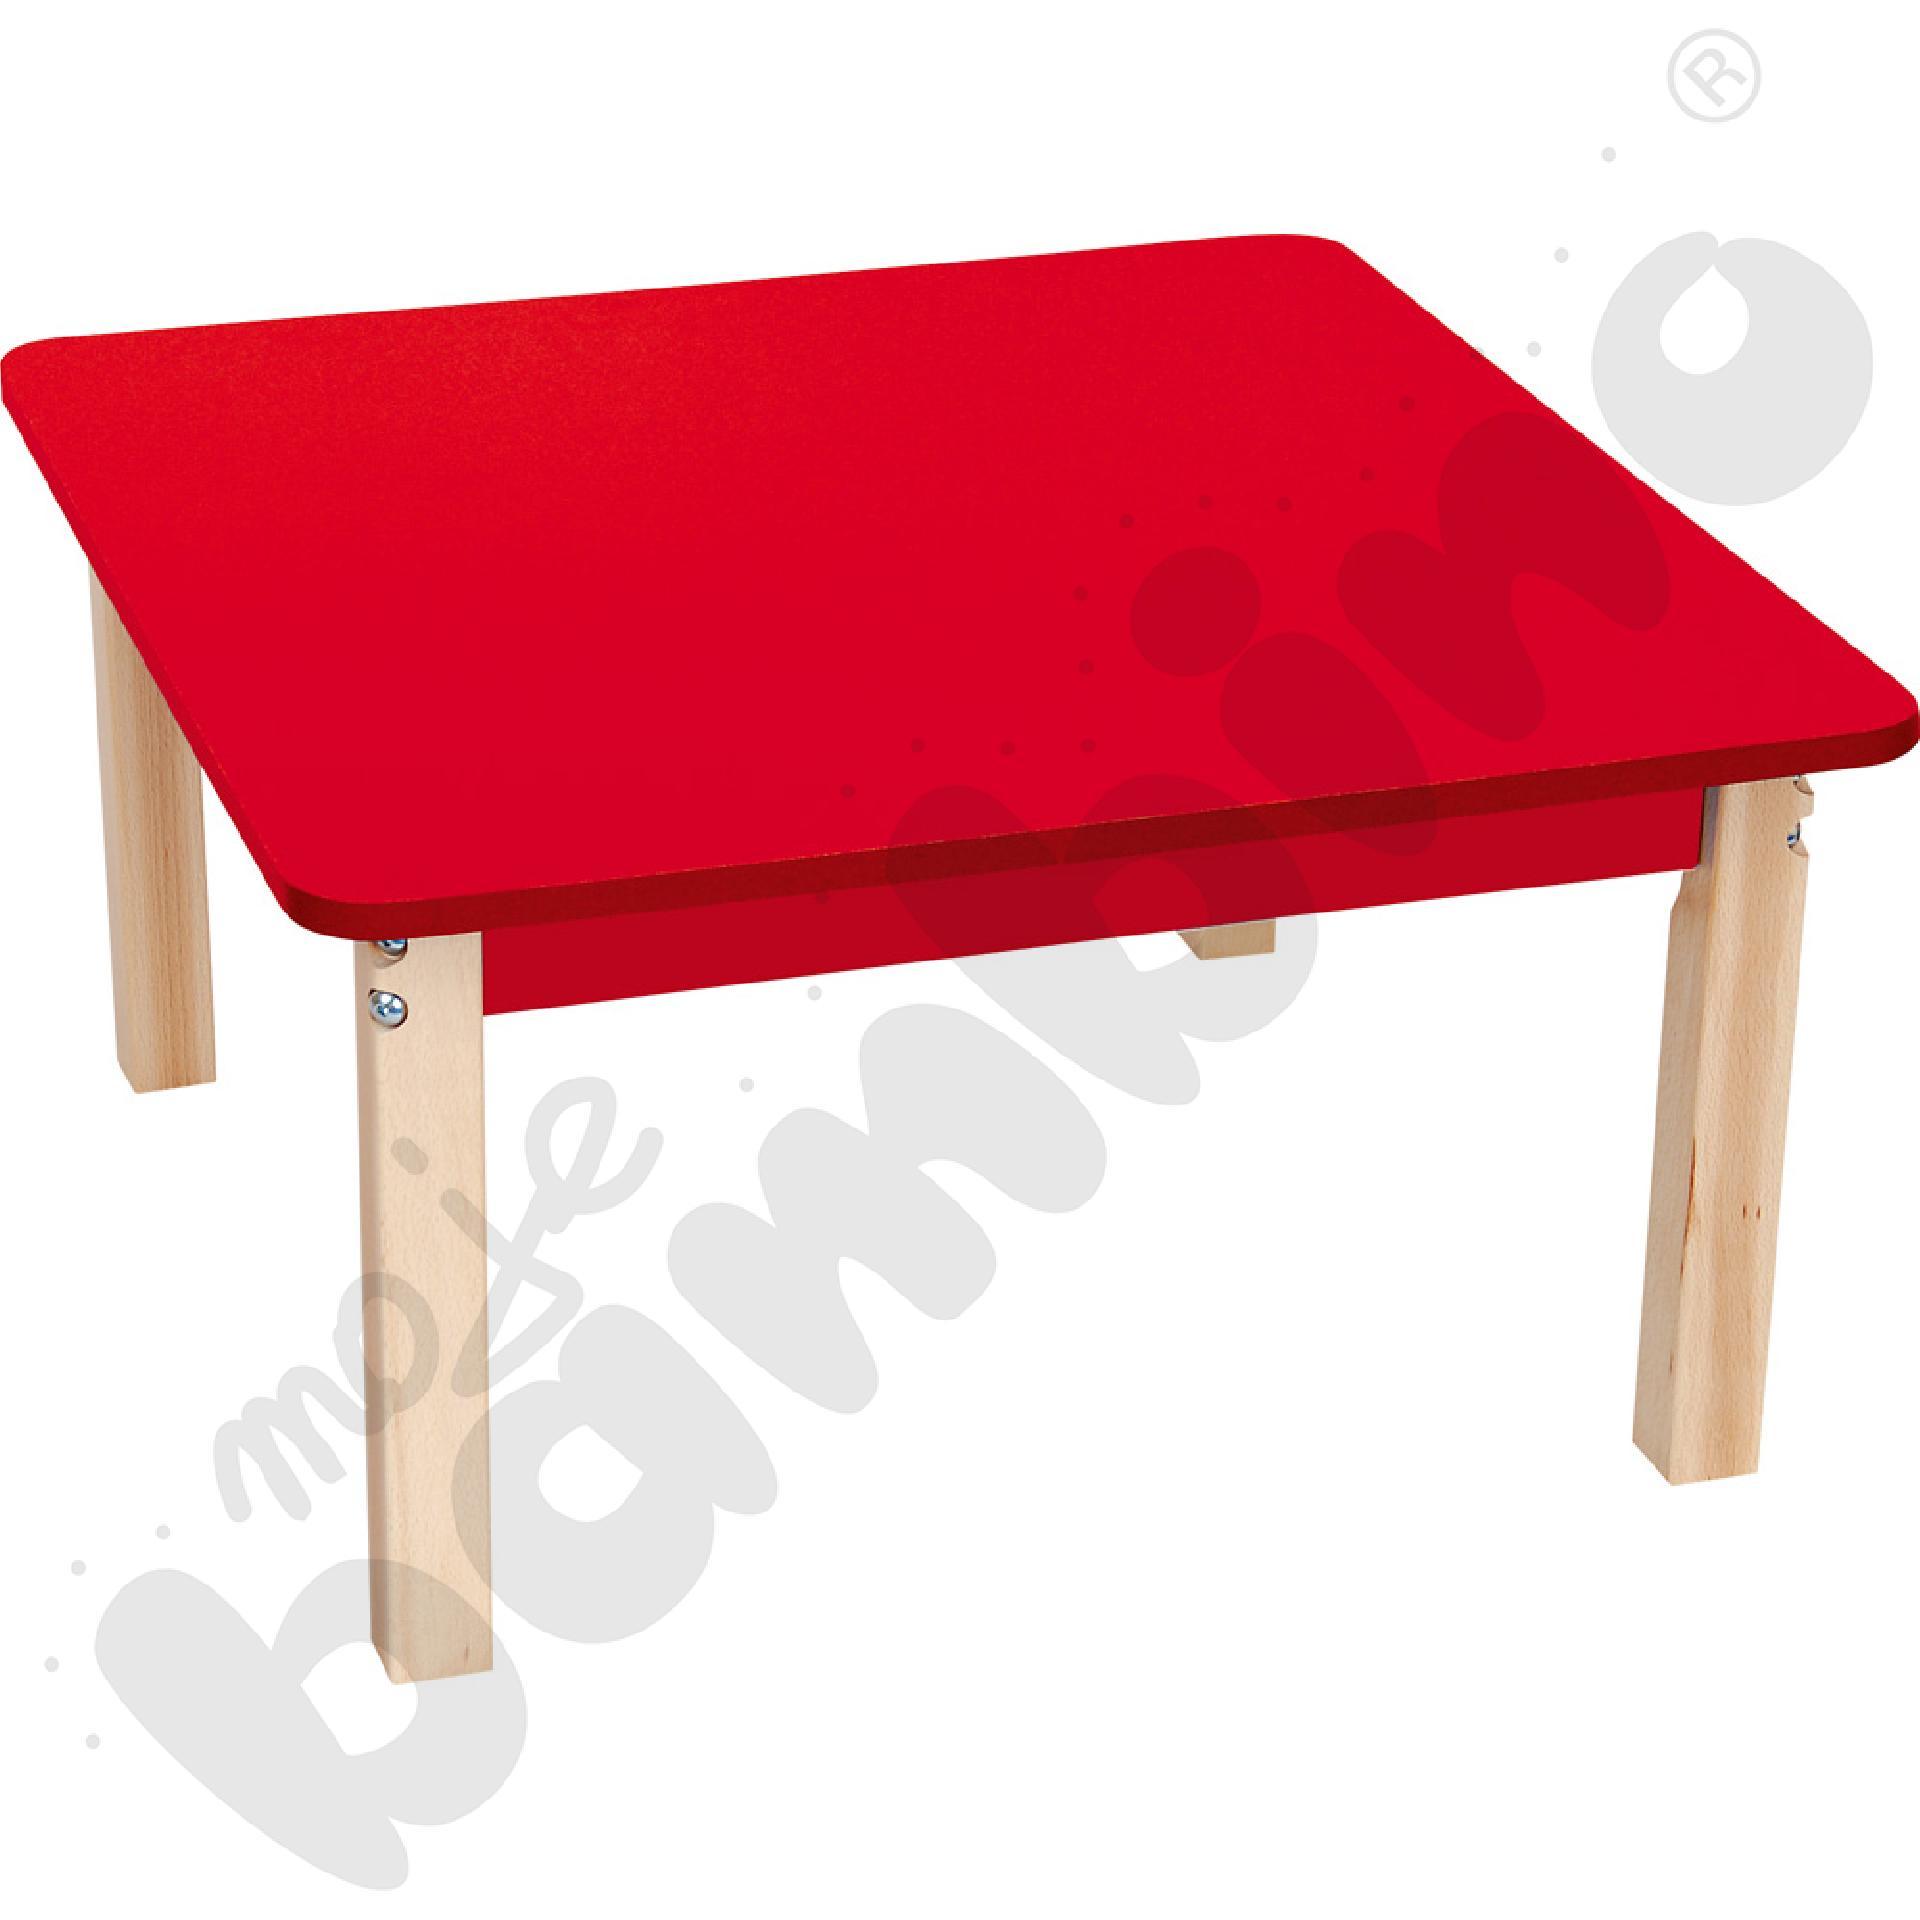 Blat kwadratowy czerwony